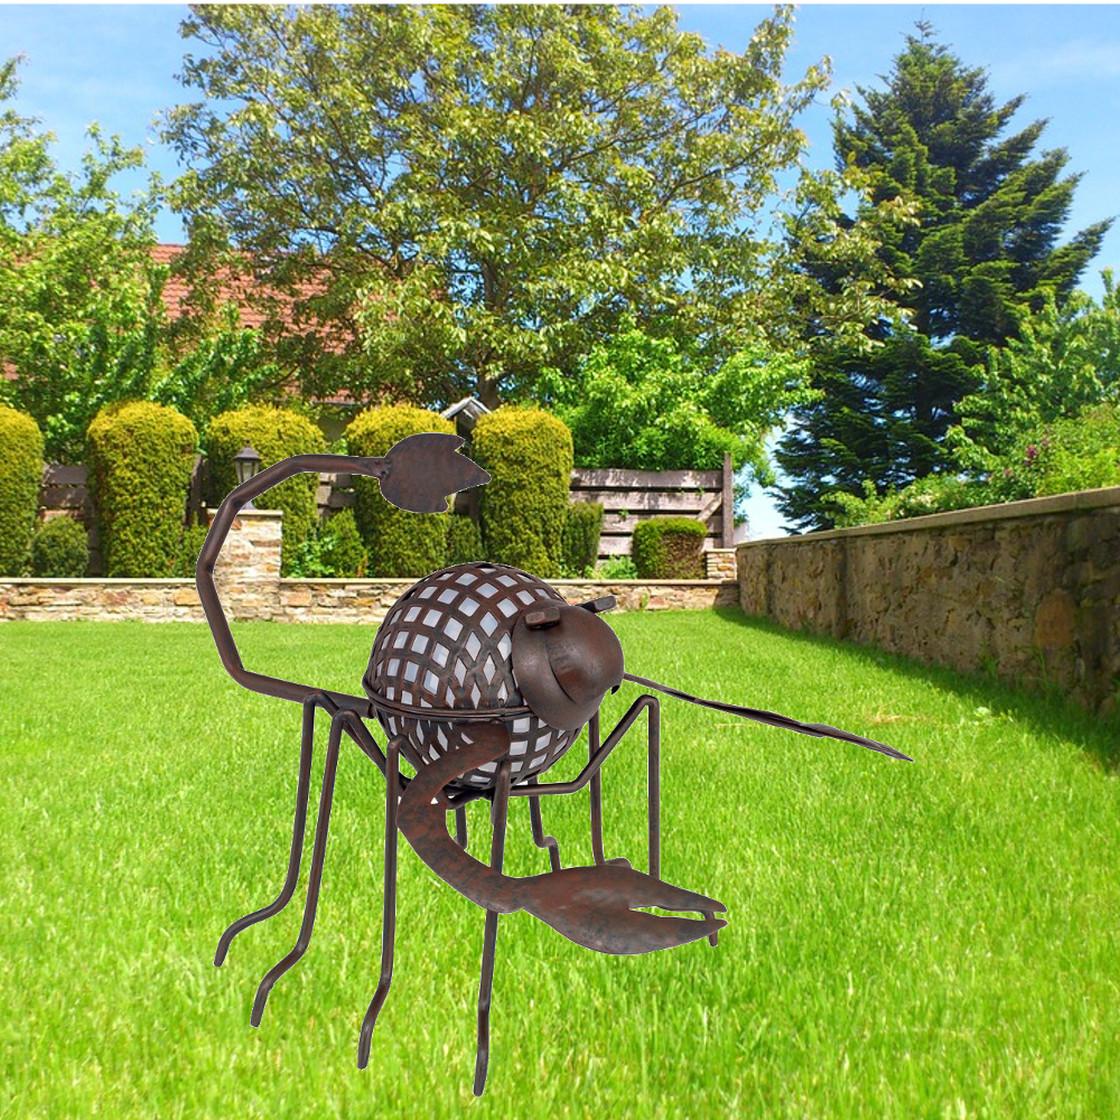 eglo 47537 solarleuchte led skorpion f r den au enbereich. Black Bedroom Furniture Sets. Home Design Ideas